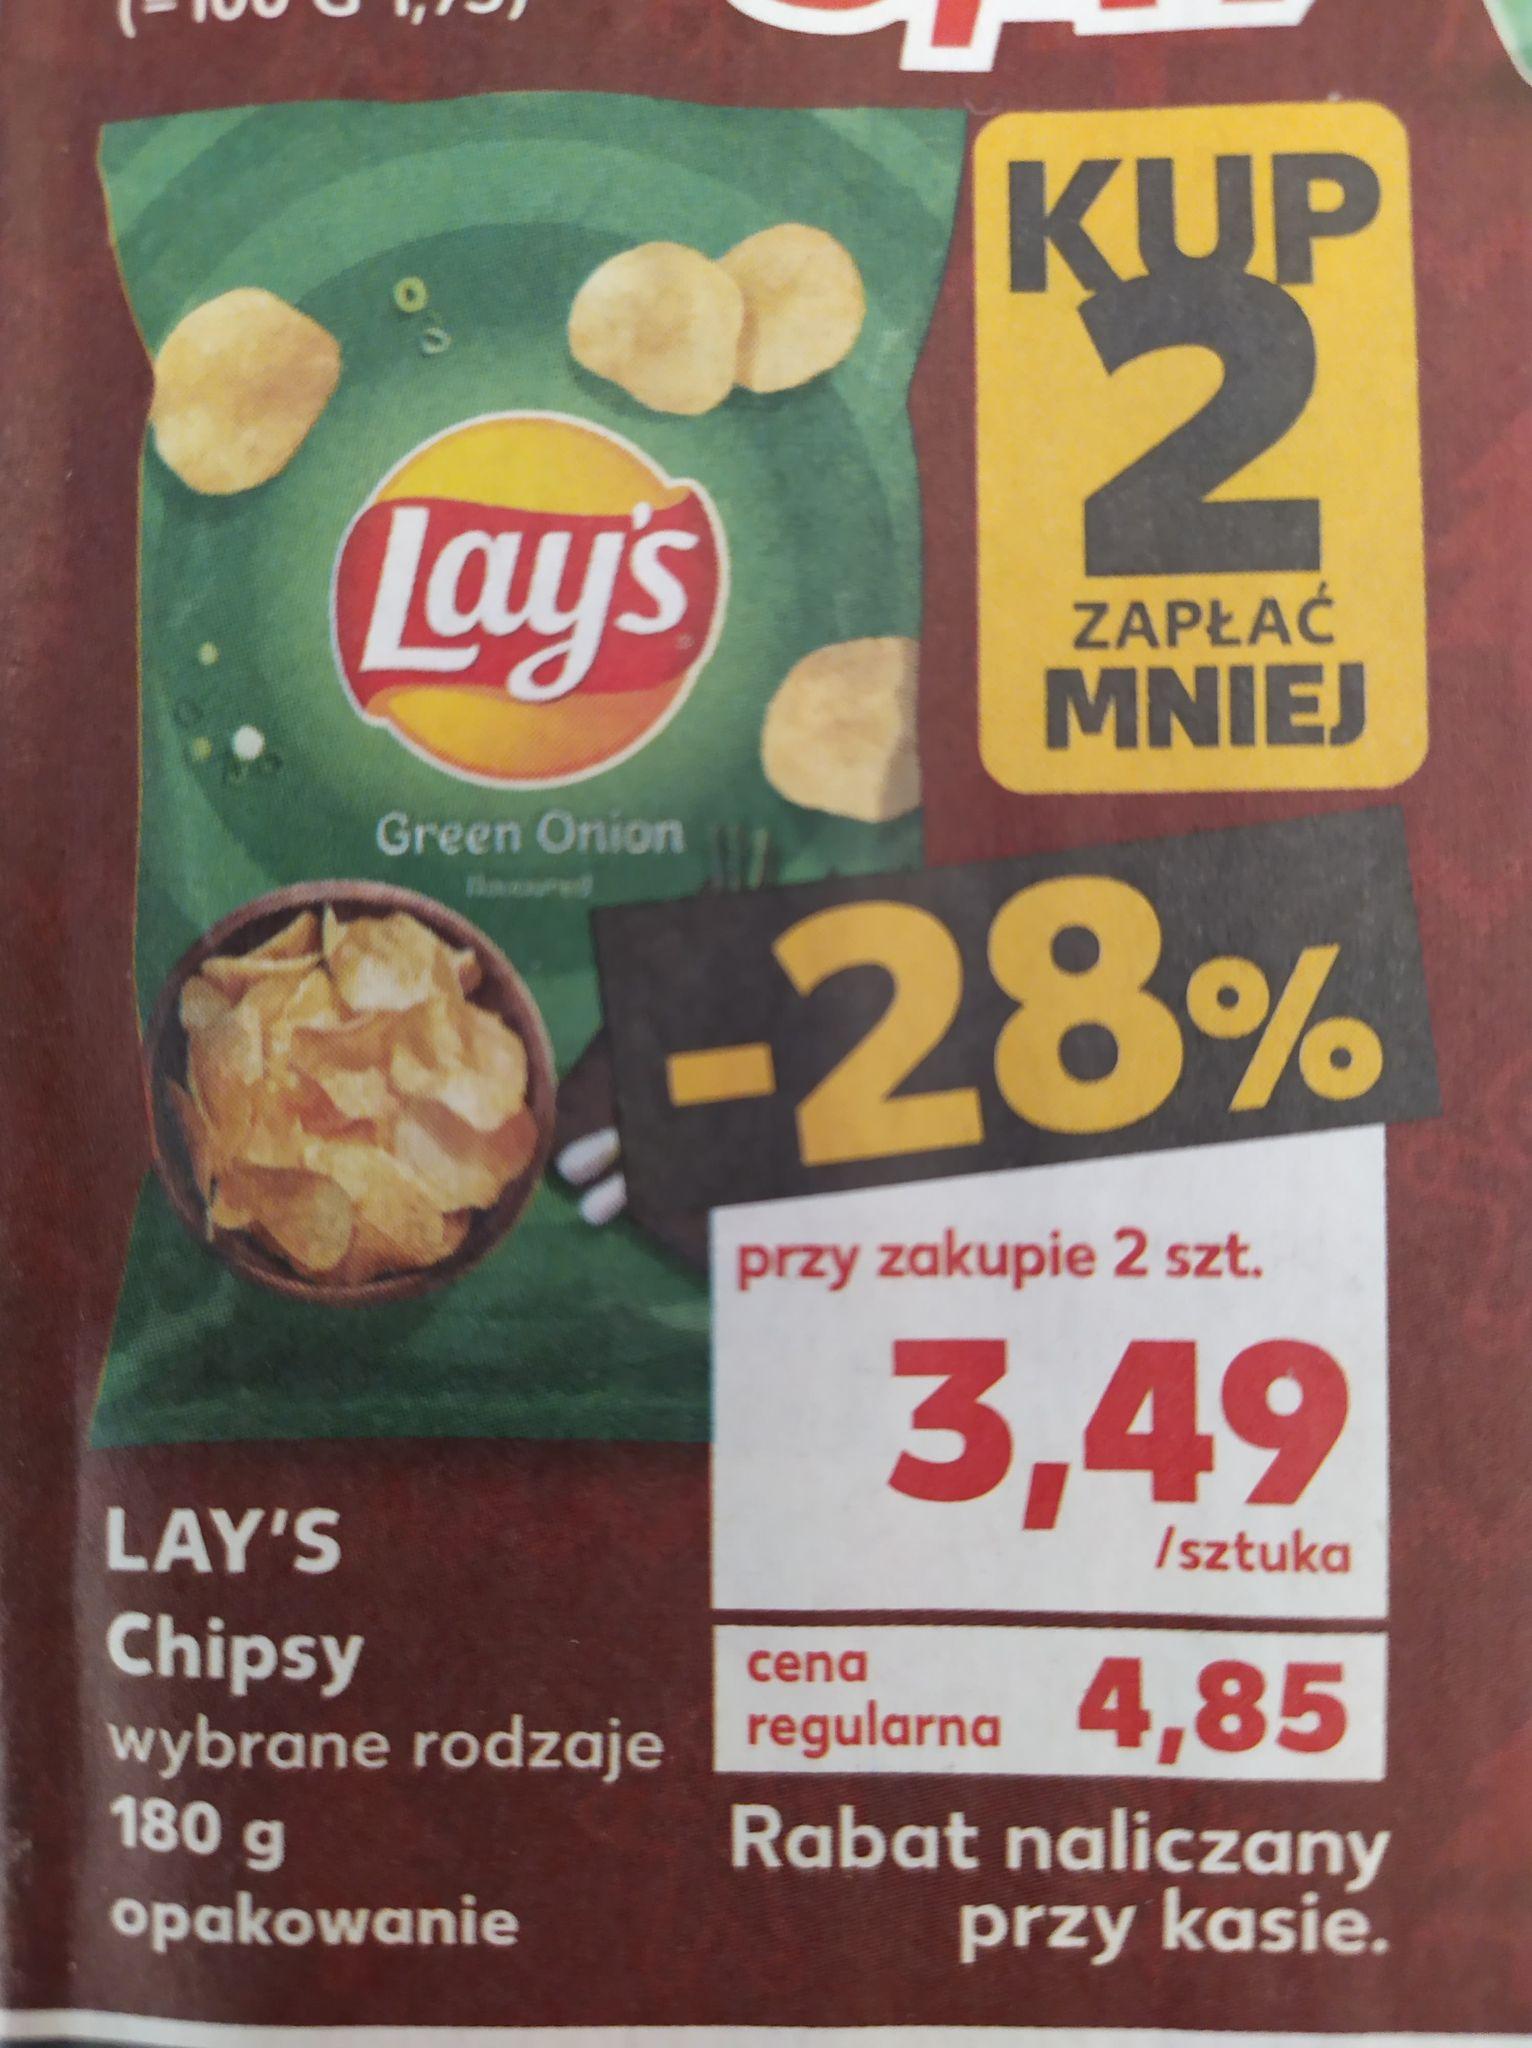 Chipsy Lay's 180g wybrane rodzaje 3,49zł przy zakupie 2 - Kaufland